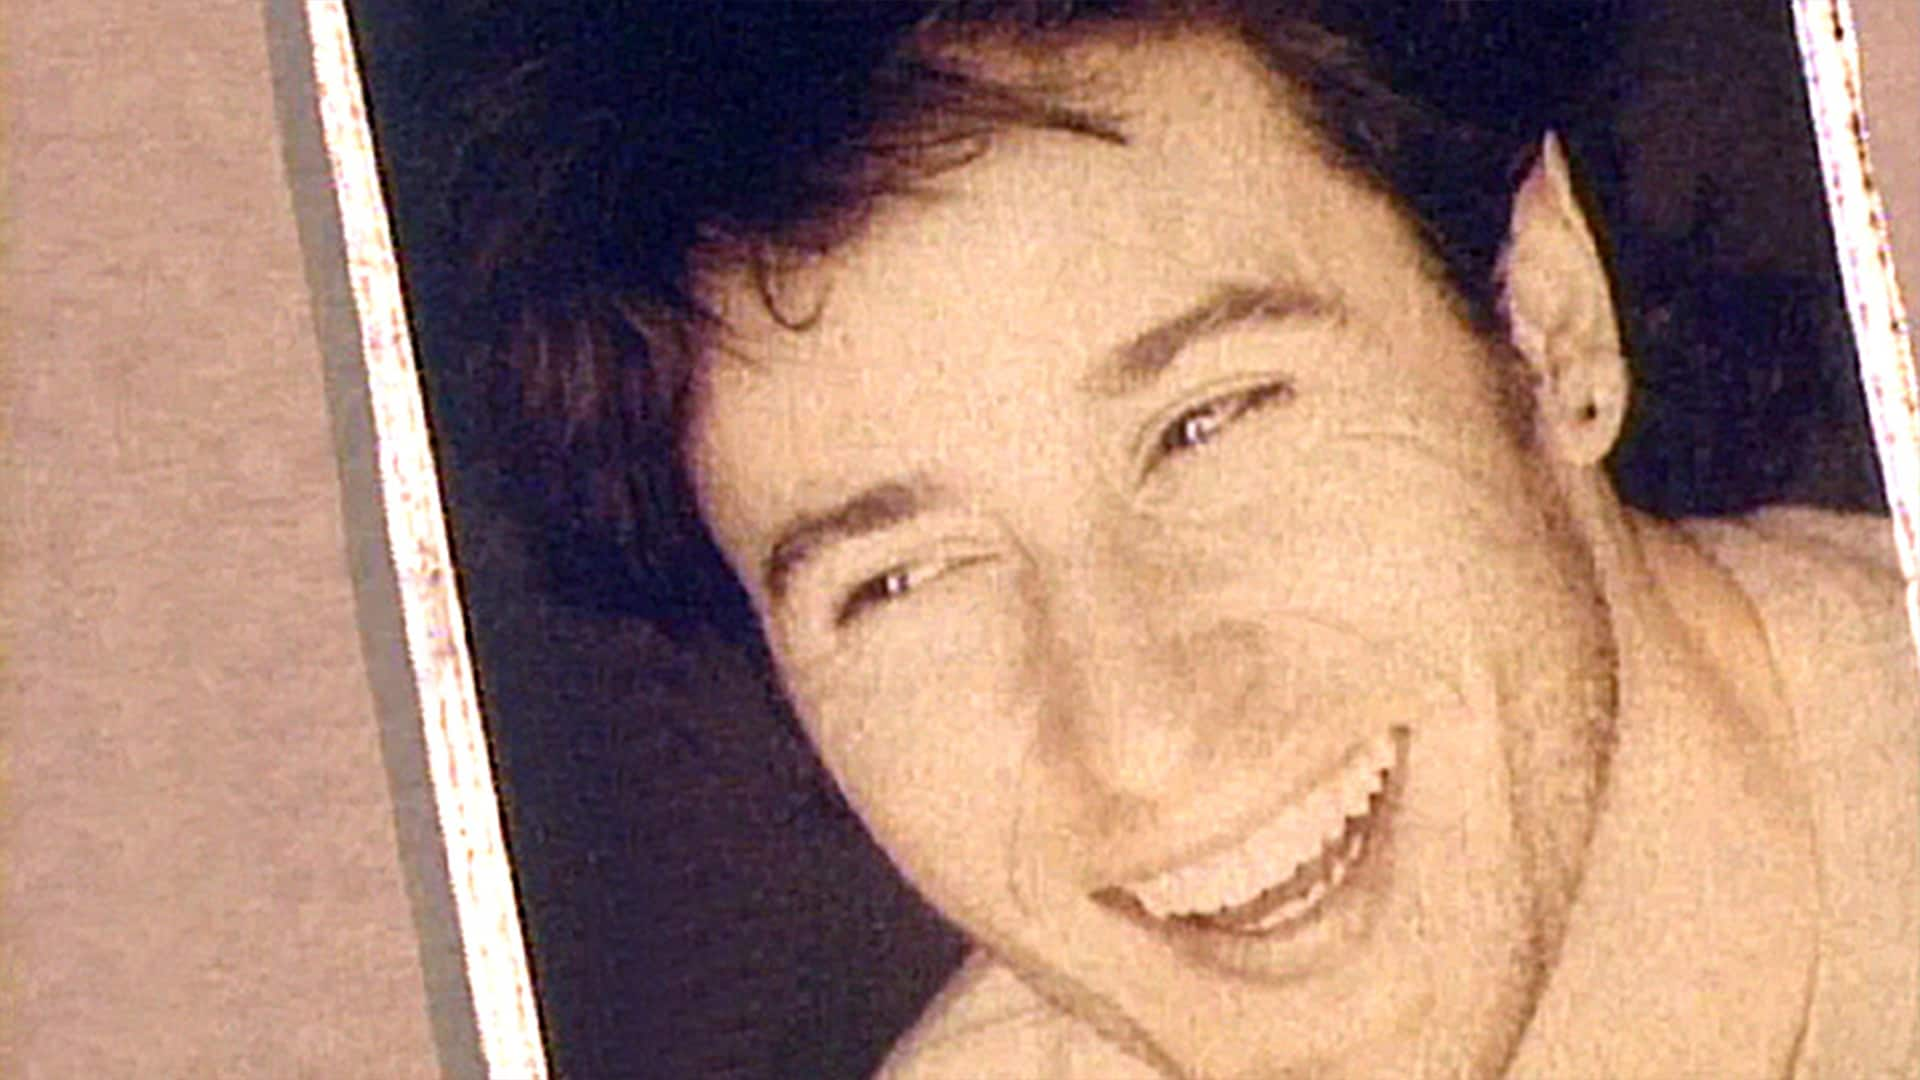 Rob Morrow: January 11, 1992